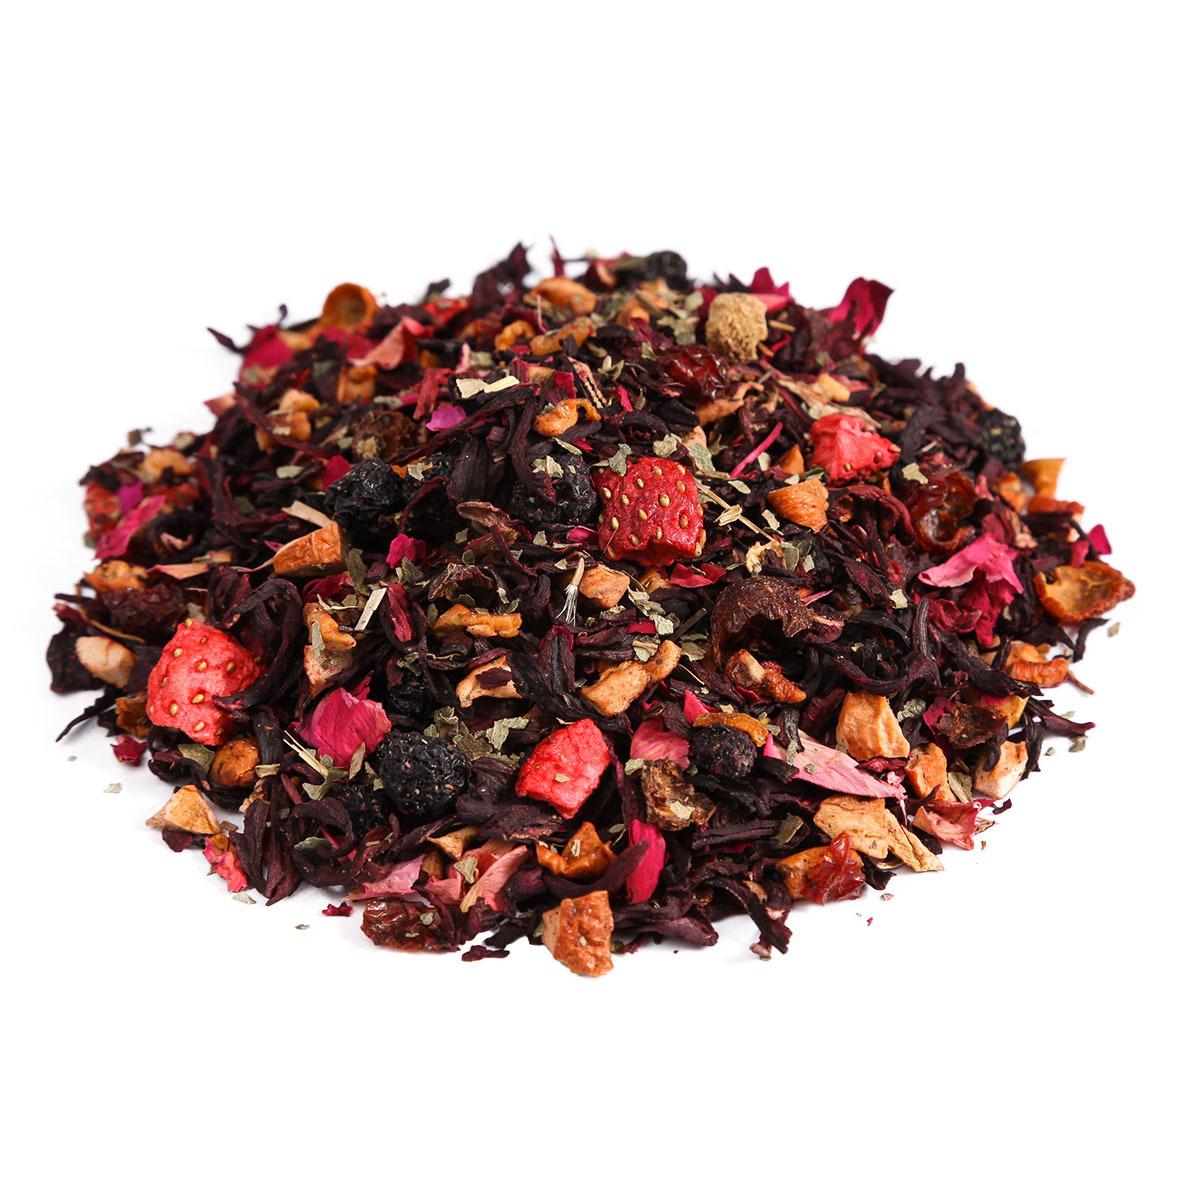 Чайный напиток Первая Чайная Компания Клубника со сливками, травяной, 100 г алтэя чайный напиток травяной чай горный 80 г